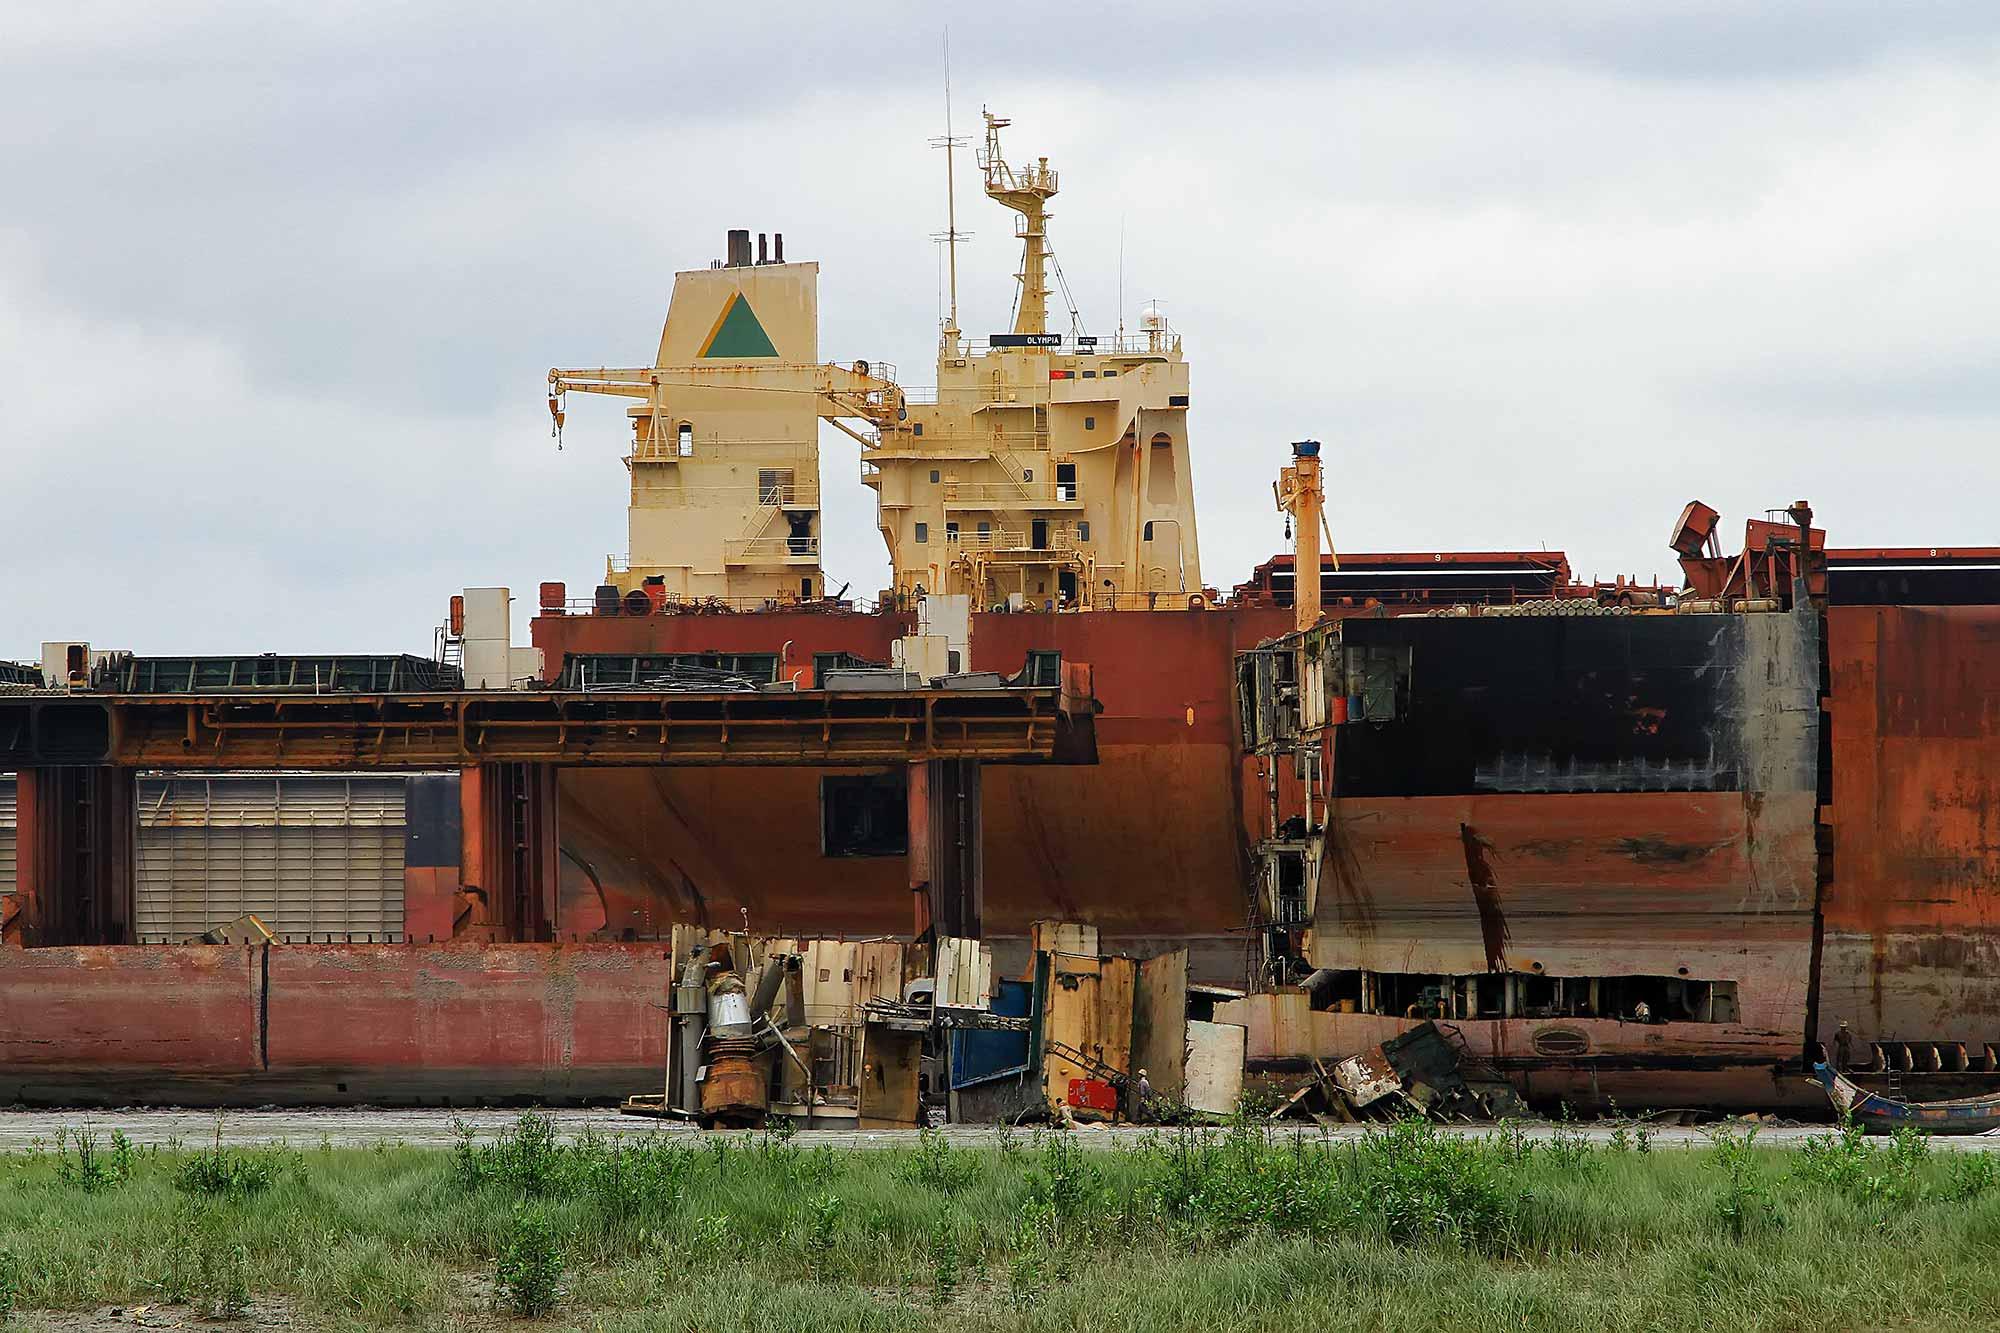 chittagong-ship-breaking-yarg-bangladesh-asia